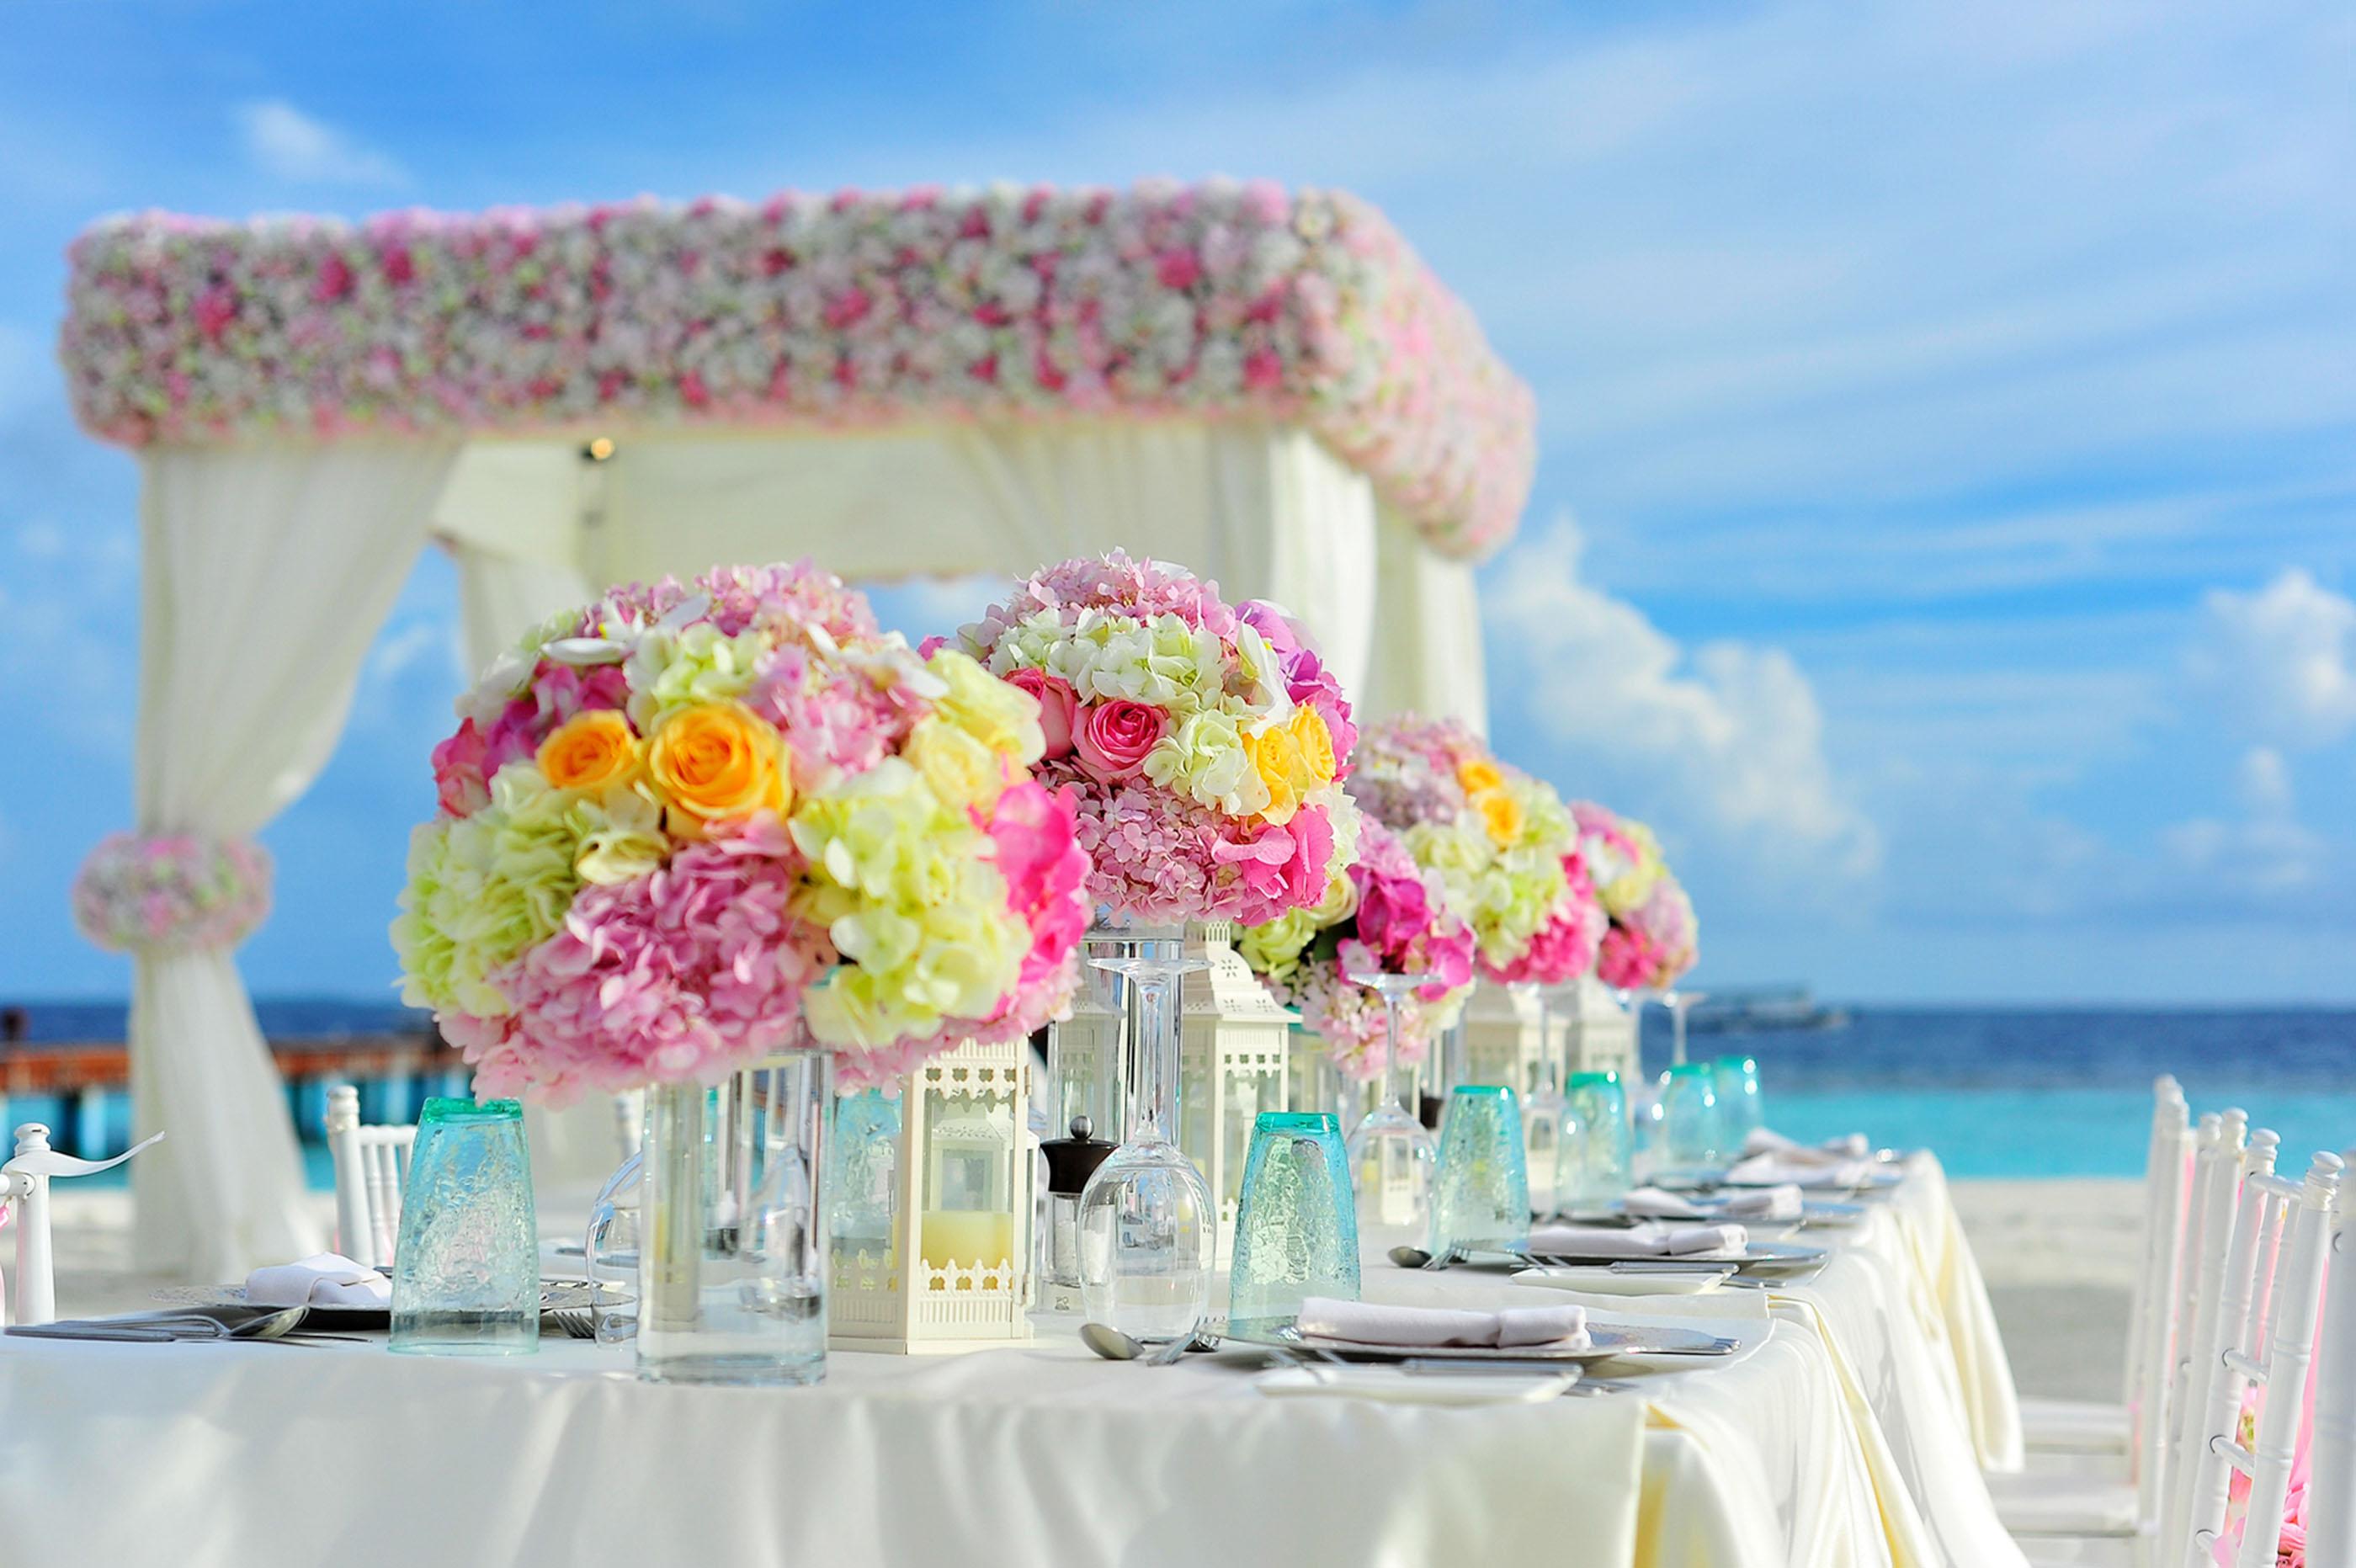 Die Perfekte Hochzeitsfeier Ein Bett Als Geschenk Zur Hochzeit Als